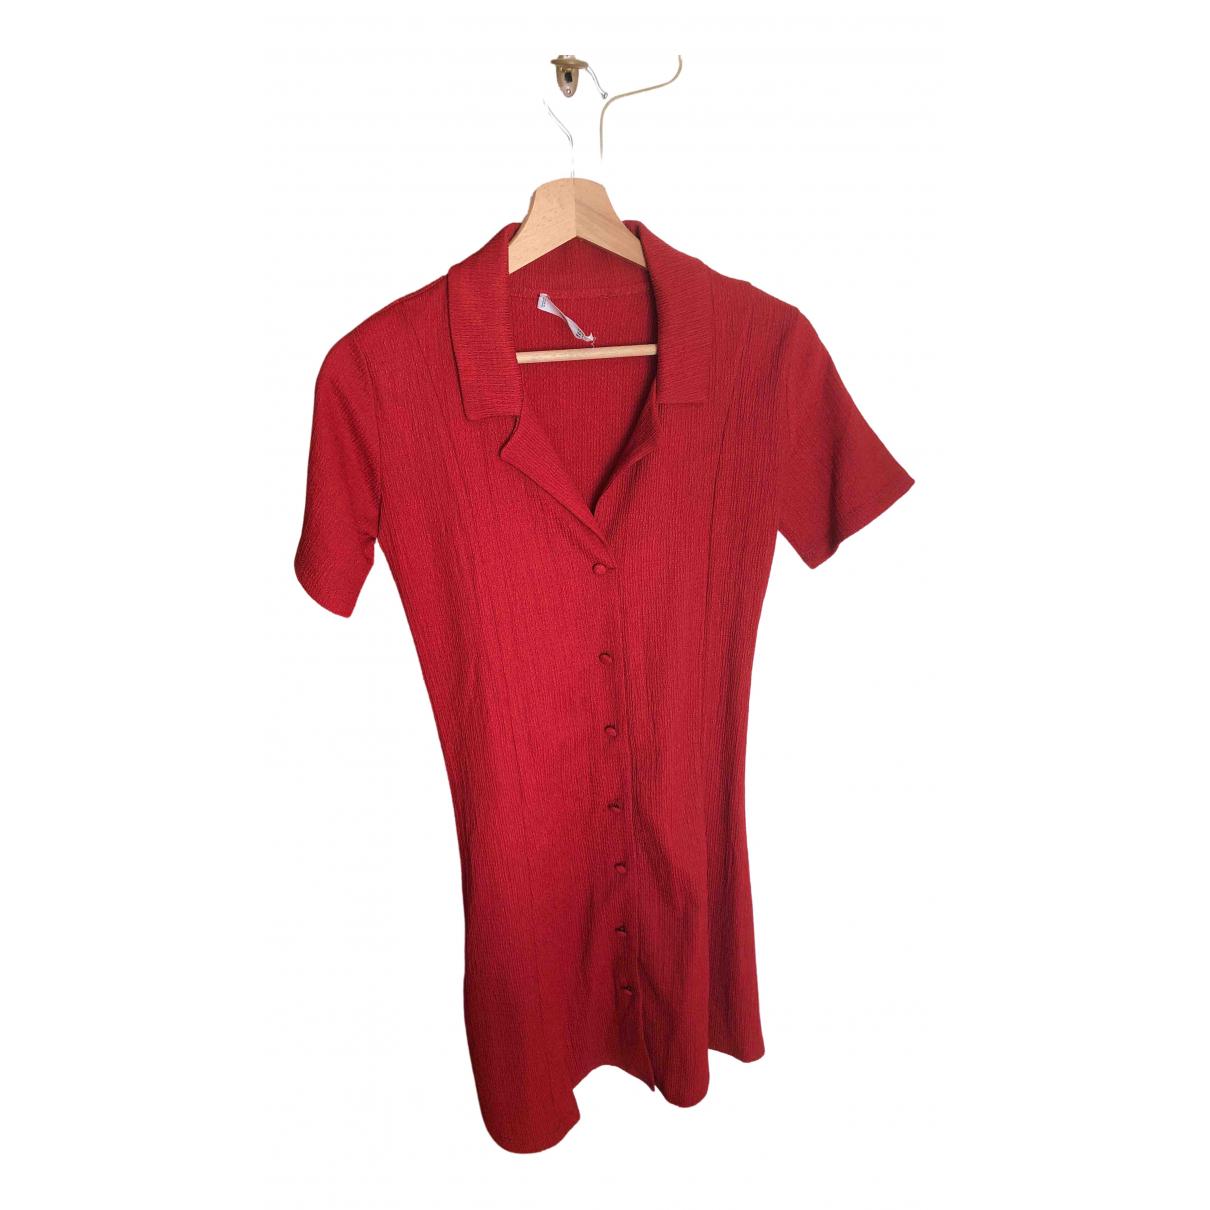 Mango \N Kleid in  Rot Polyester